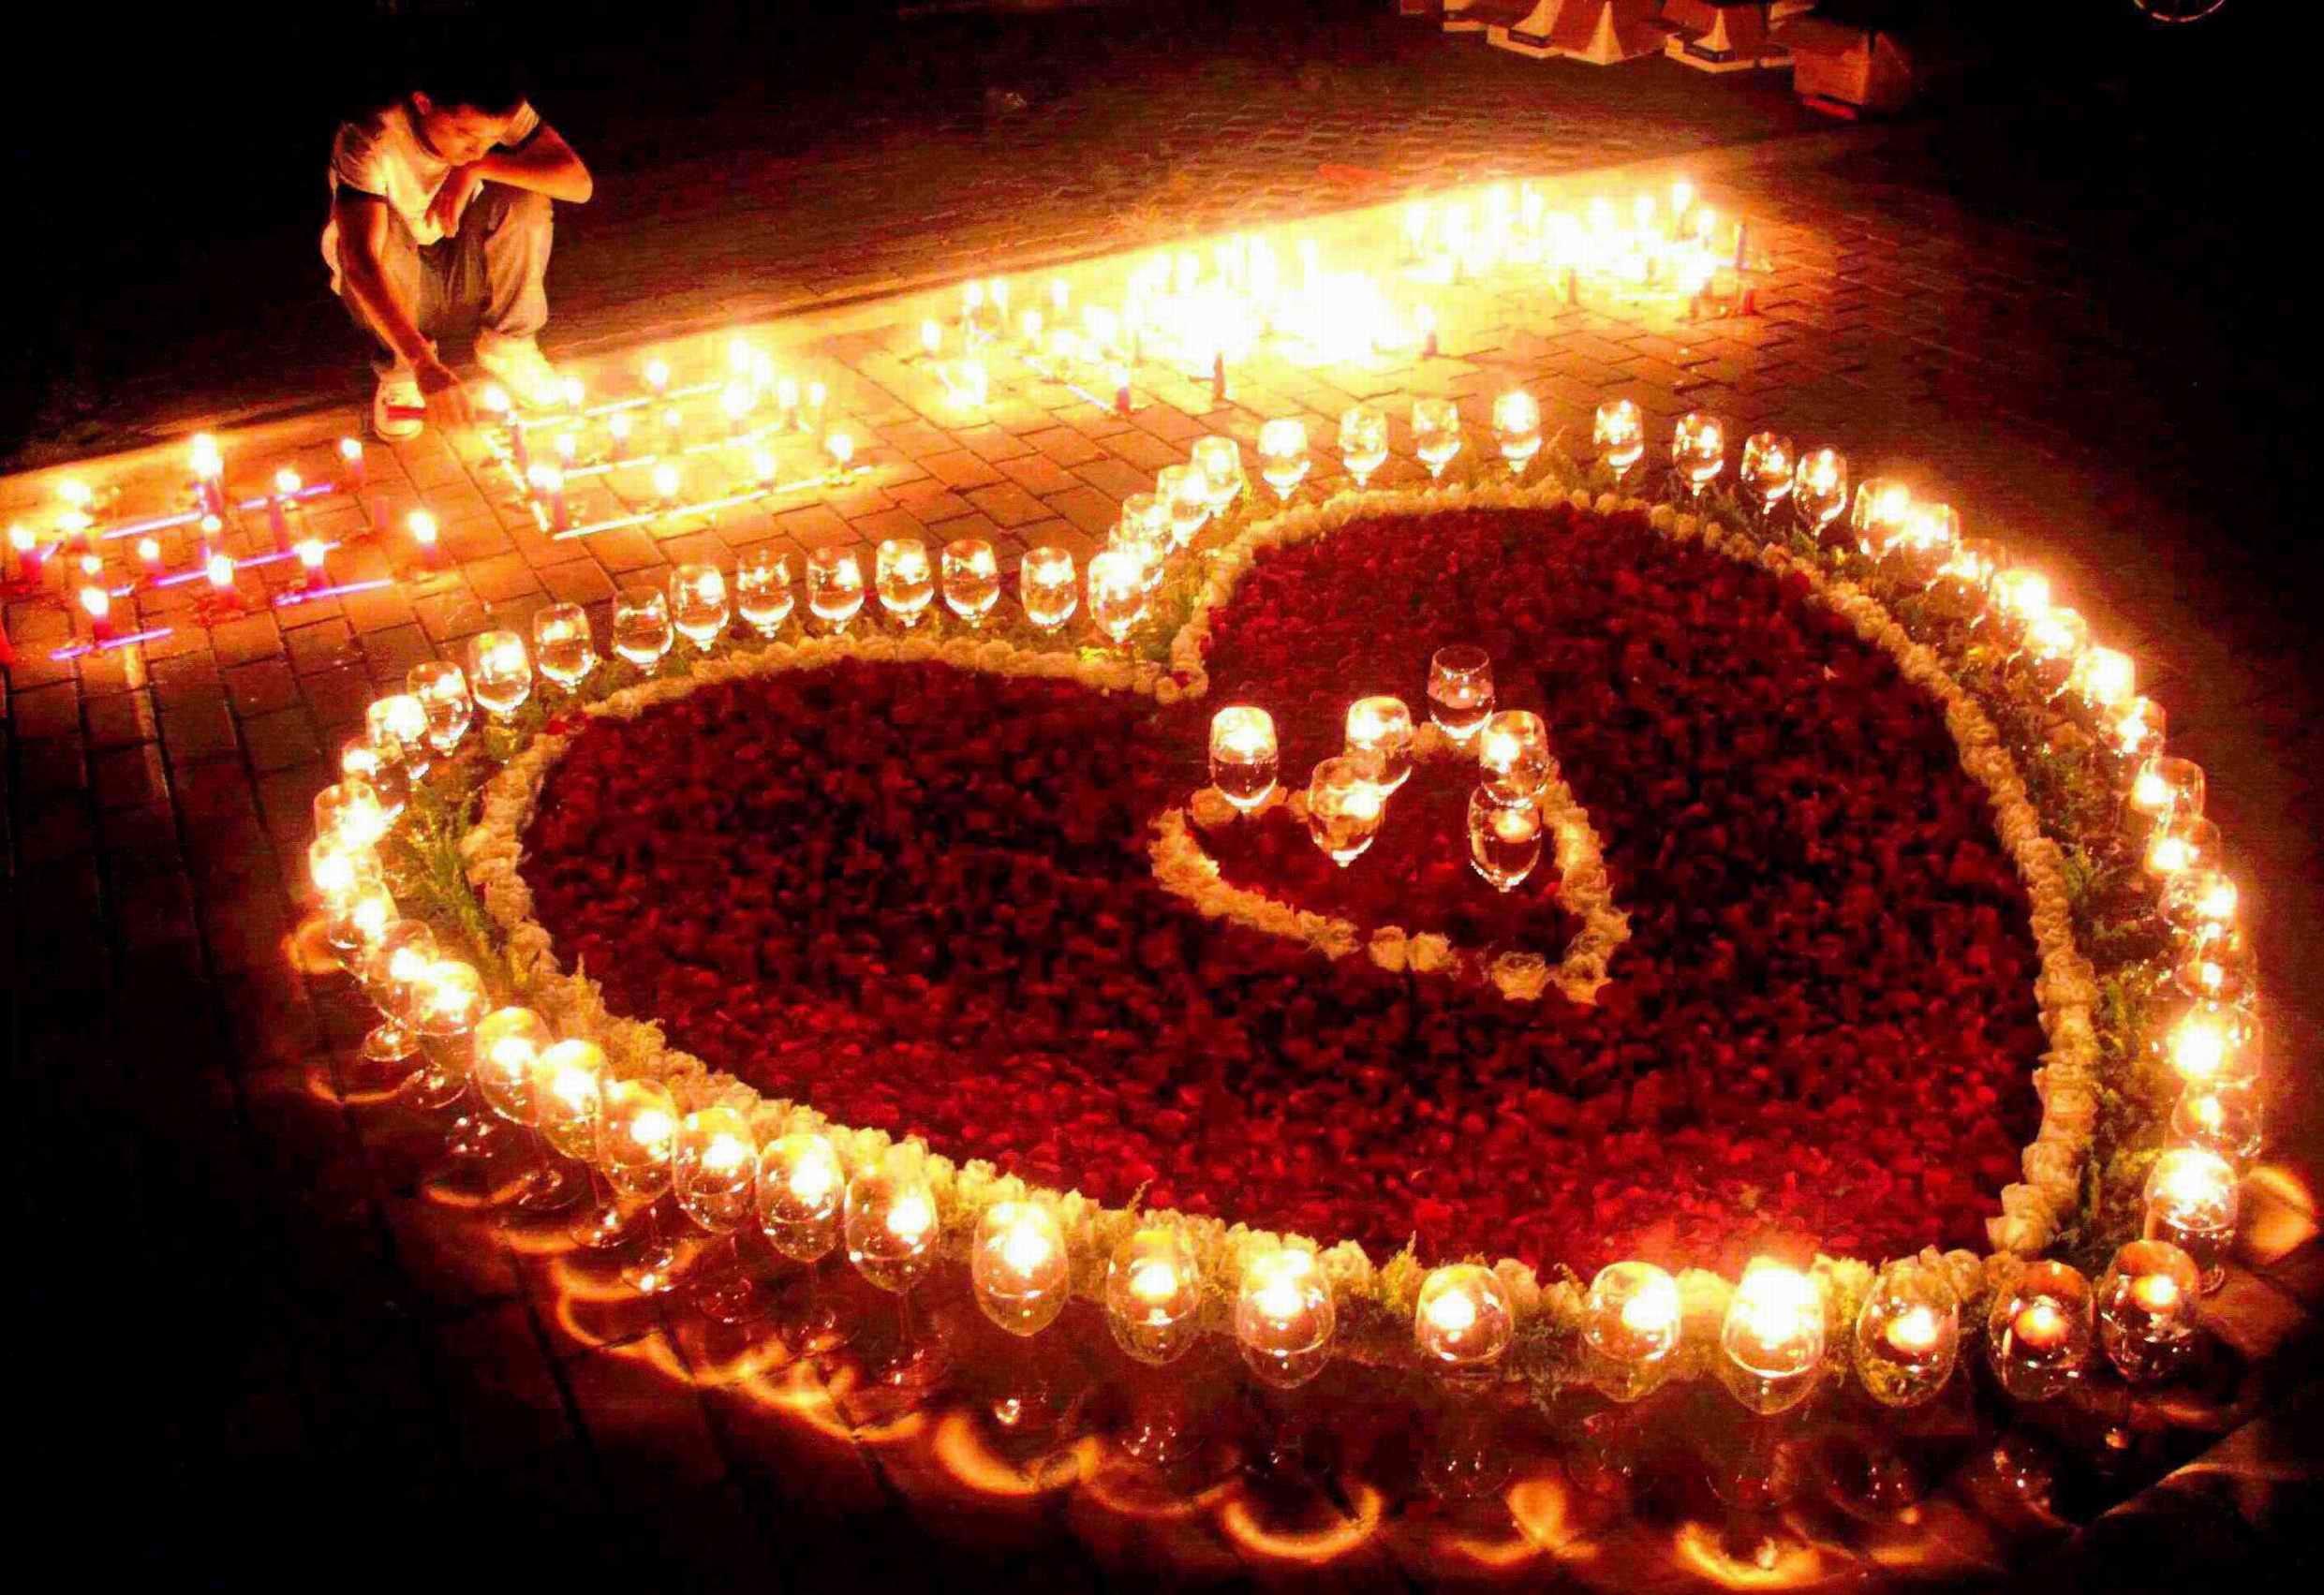 怎么摆心形蜡烛图片大全_怎么摆心形蜡烛图片下载; 用蜡烛拜出心形图片